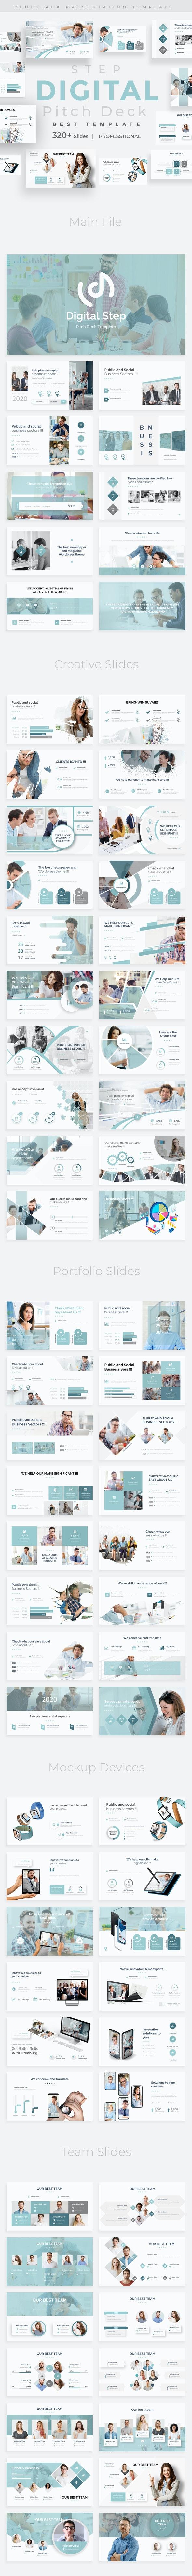 Digital Step Pitch Deck Google Slide Template - Google Slides Presentation Templates